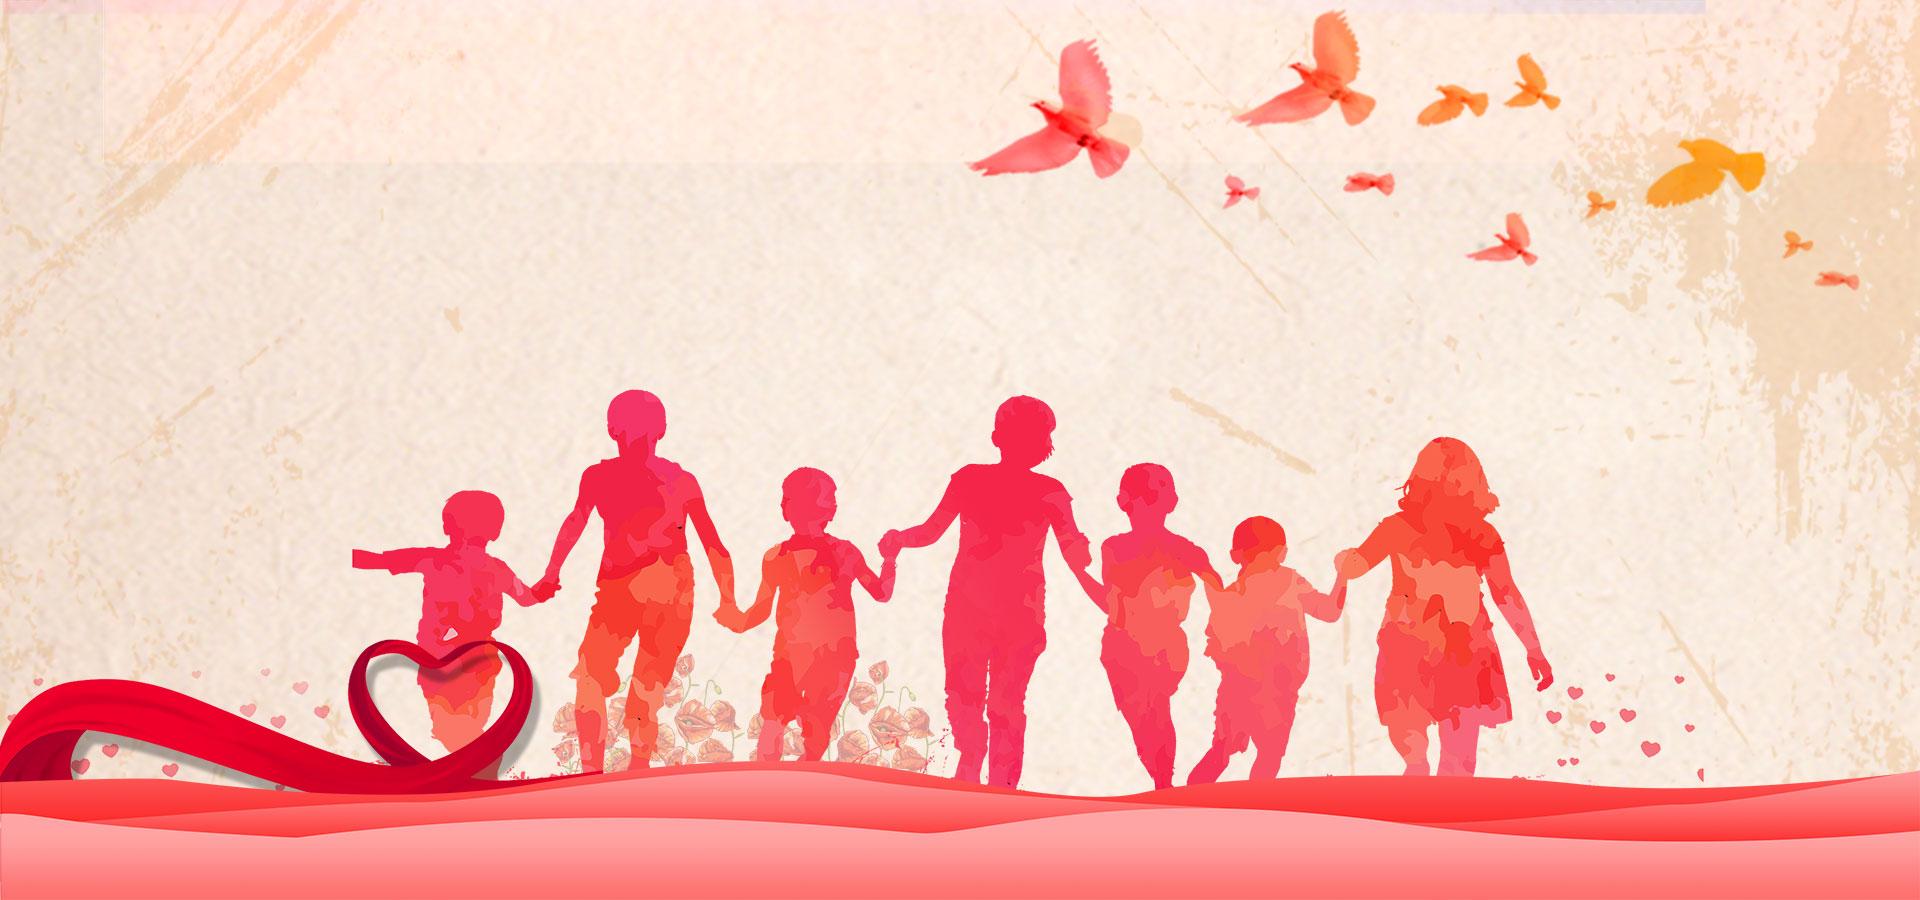 提高第三次分配效率 慈善信托促进共同富裕